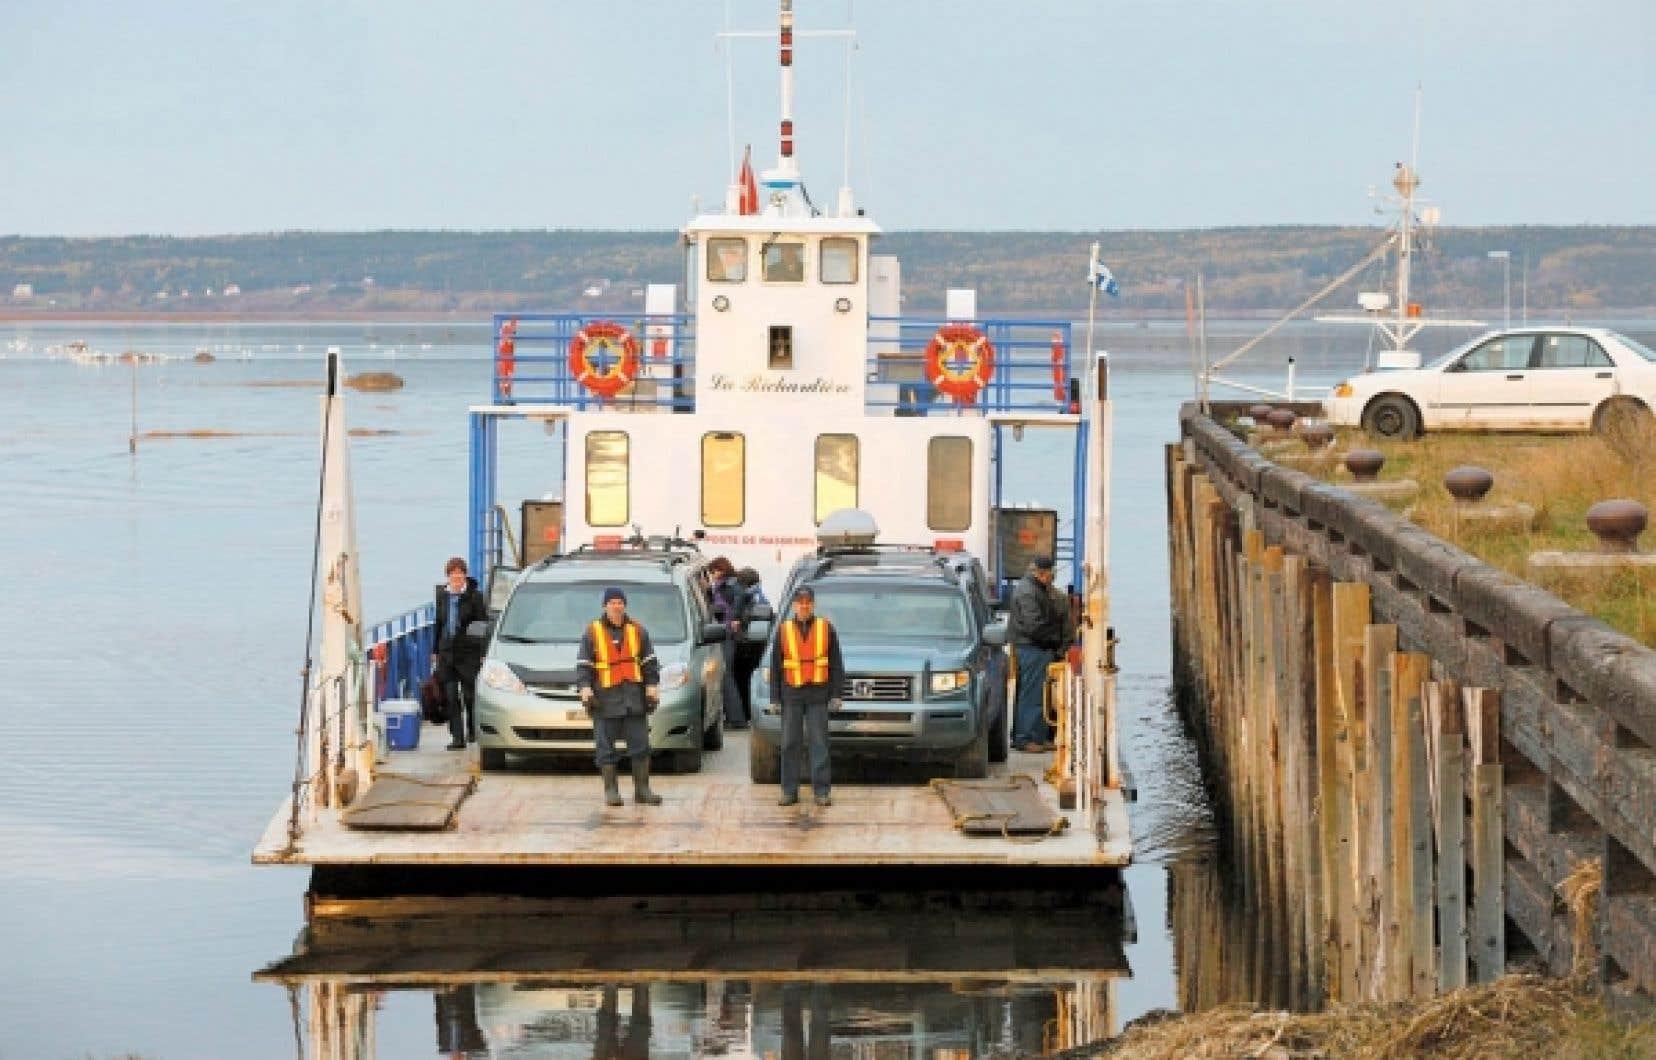 Le bateau-taxi de l'île Verte. Le système de santé qui y existe pourrait servir de modèle tant au Québec qu'à l'étranger. Il a toutes les caractéristiques que les chercheurs et les responsables des systèmes de santé au Québec, au Canada et dans les organisations internationales, comme l'Organisation mondiale de la santé, recommandent partout dans le monde.<br />